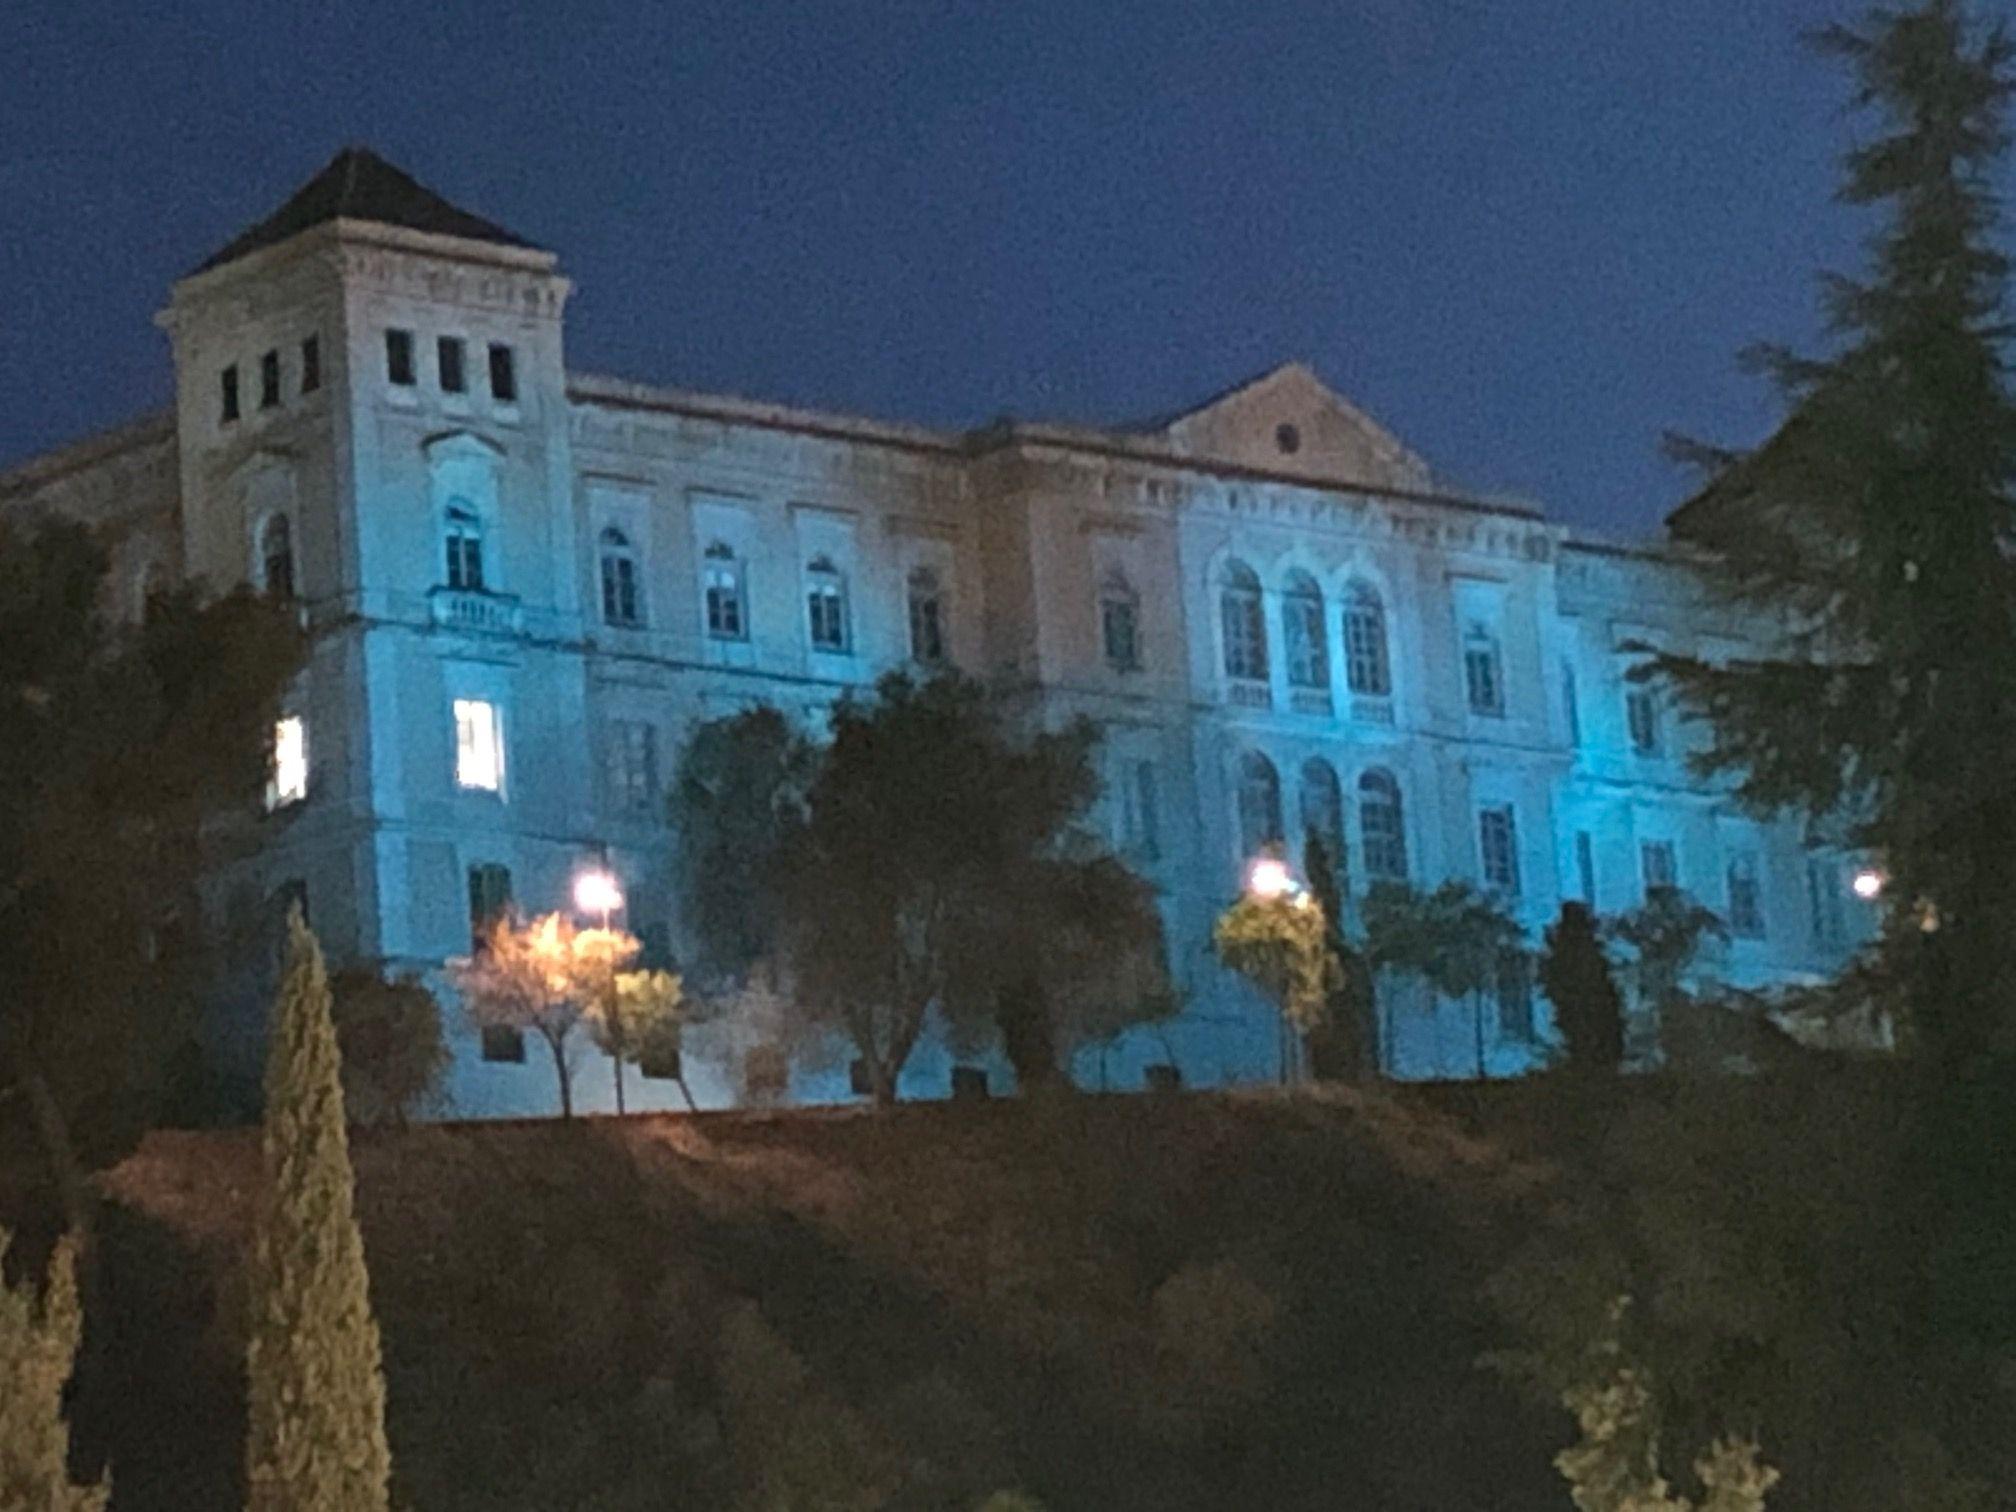 La Diputación de Toledo ilumina su fachada de azul para conmemorar el Día Universal de la Infancia